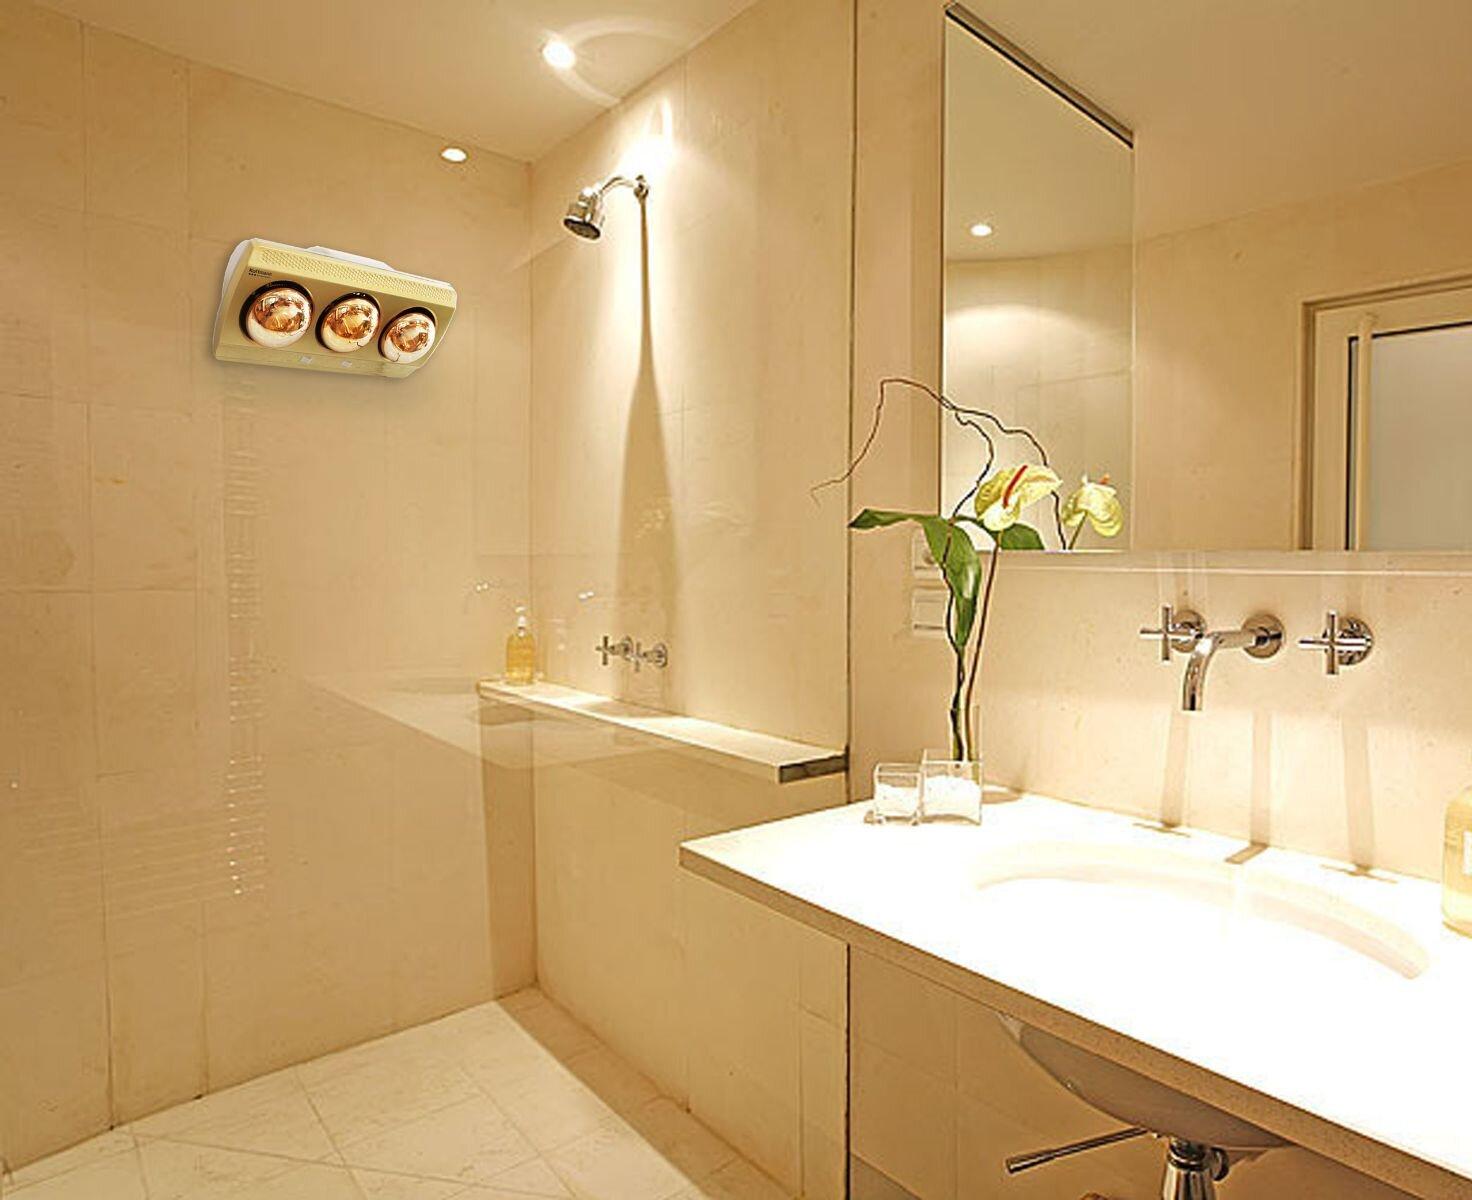 Sử dụng đèn sưởi trong nhà tắm vừa chiếu sáng lại vừa làm ấm rất tốt, giúp tiết kiệm điện năng.